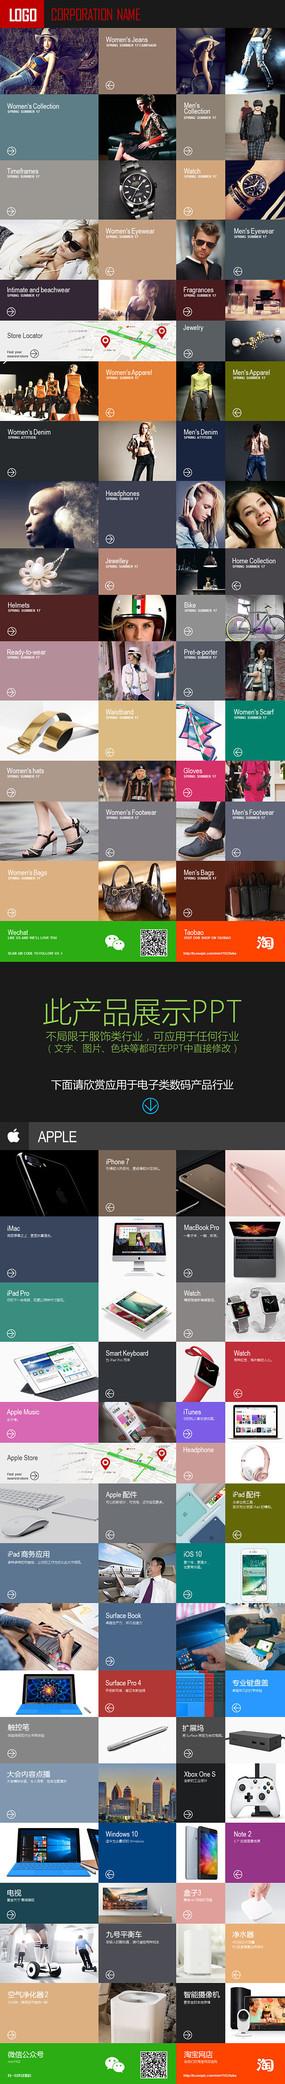 时尚ppt展示模板下载苹果产品发布会推广 pptx